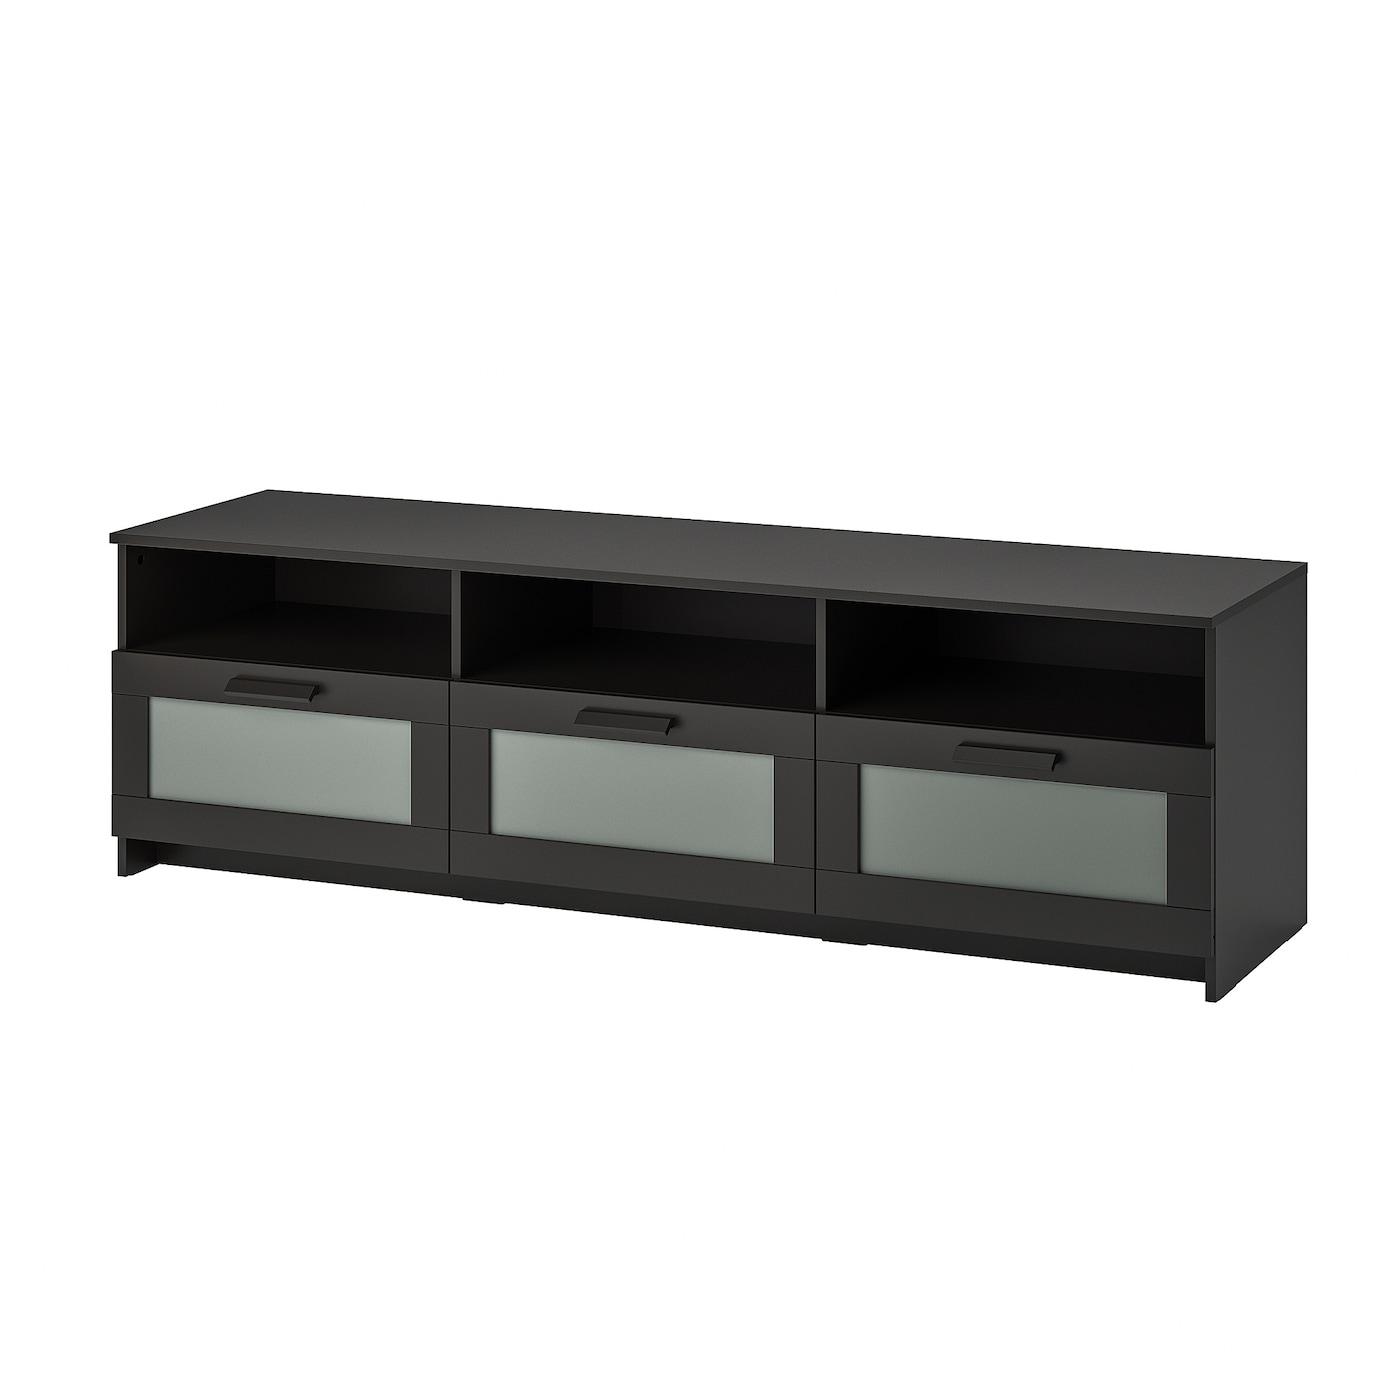 BRIMNES Mueble TV Negro 180 x 41 x 53 cm - IKEA